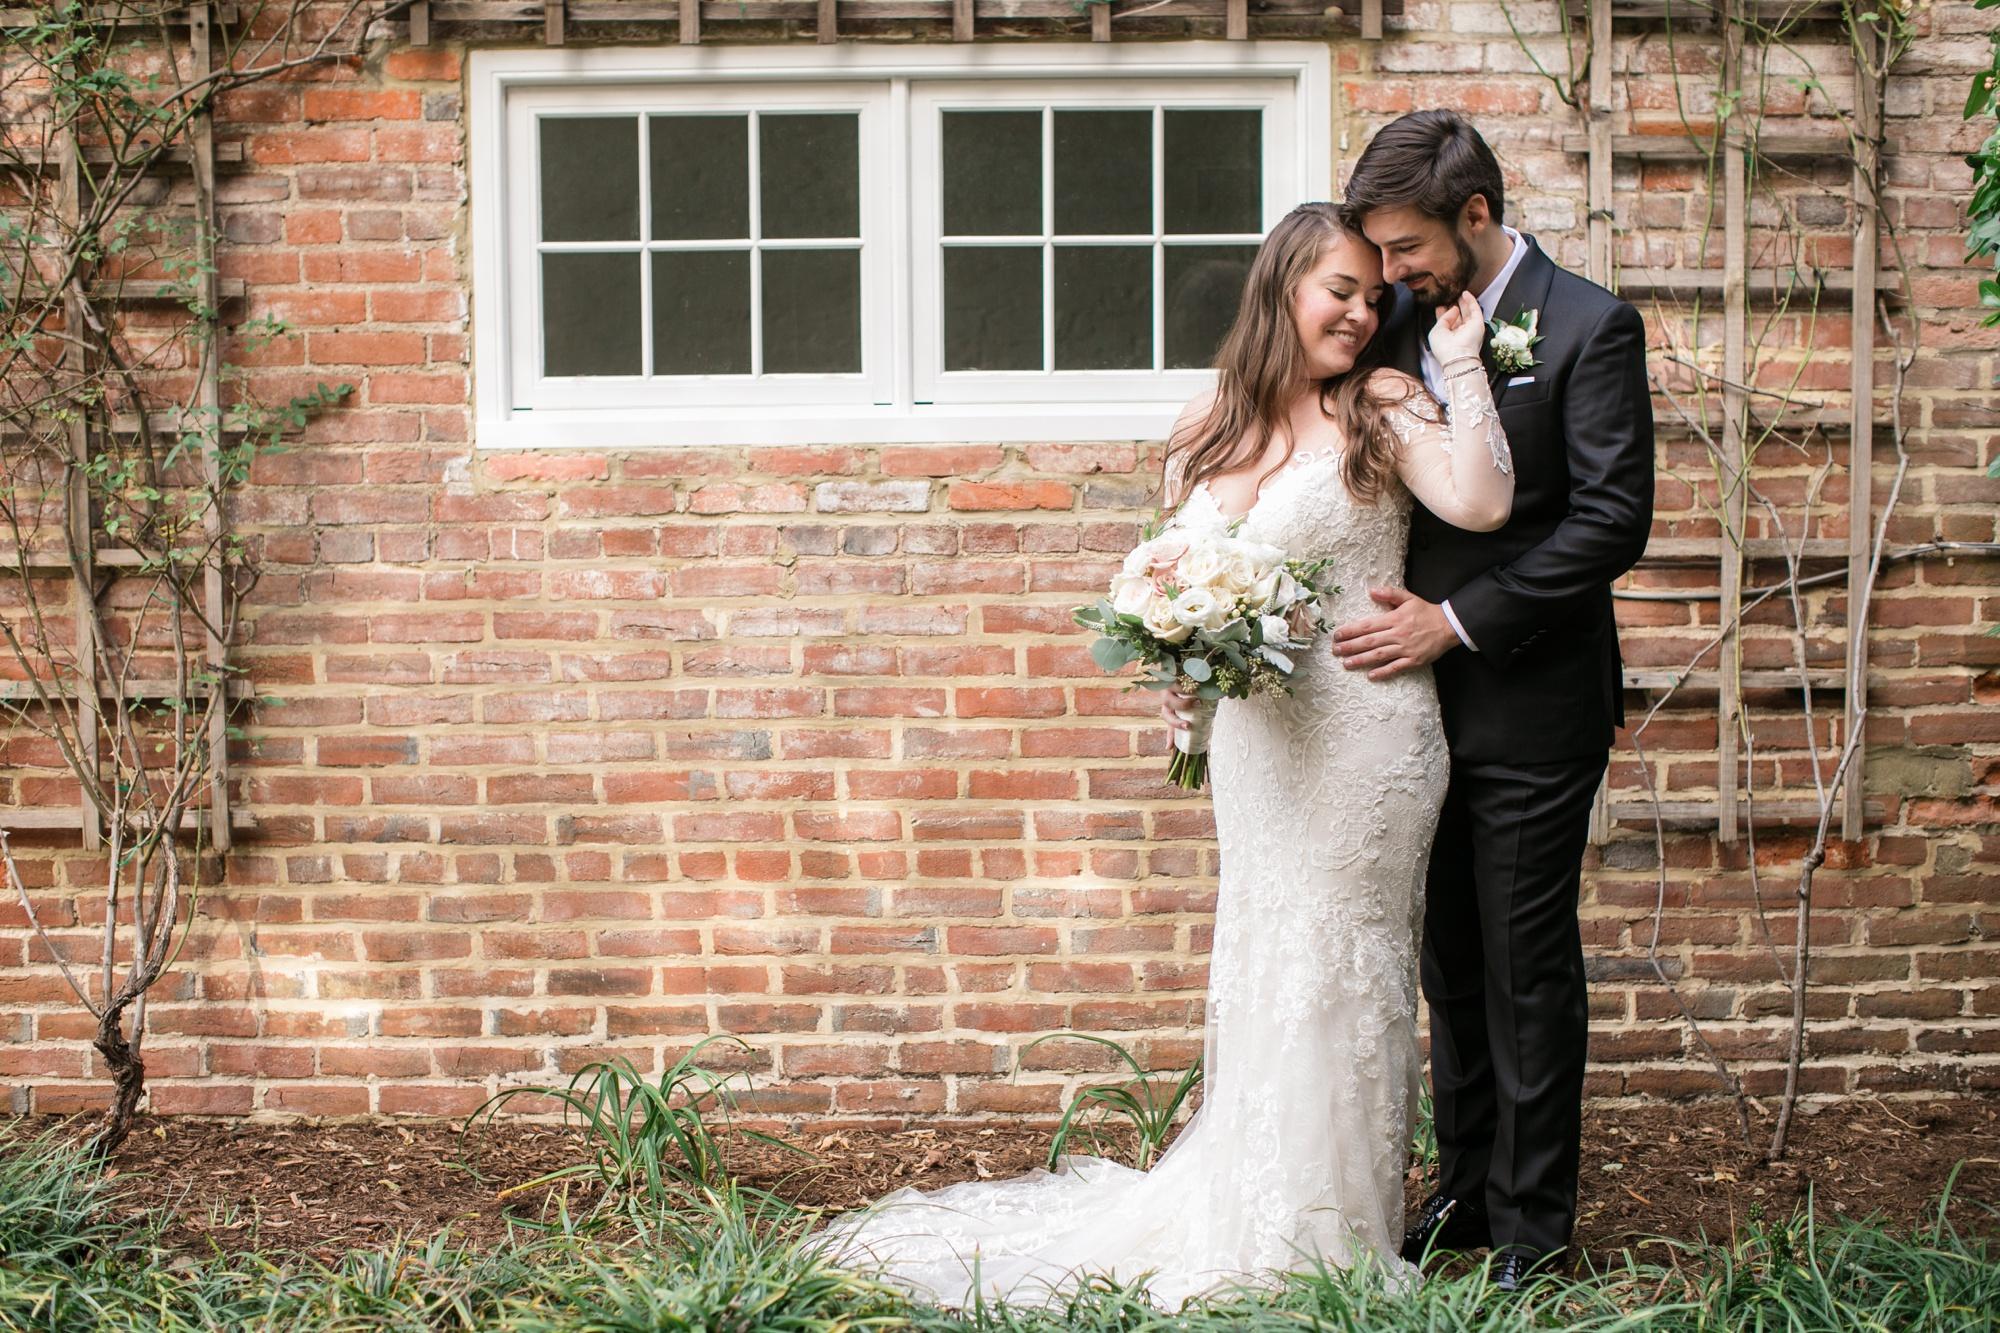 The Tidewater inn couple photos